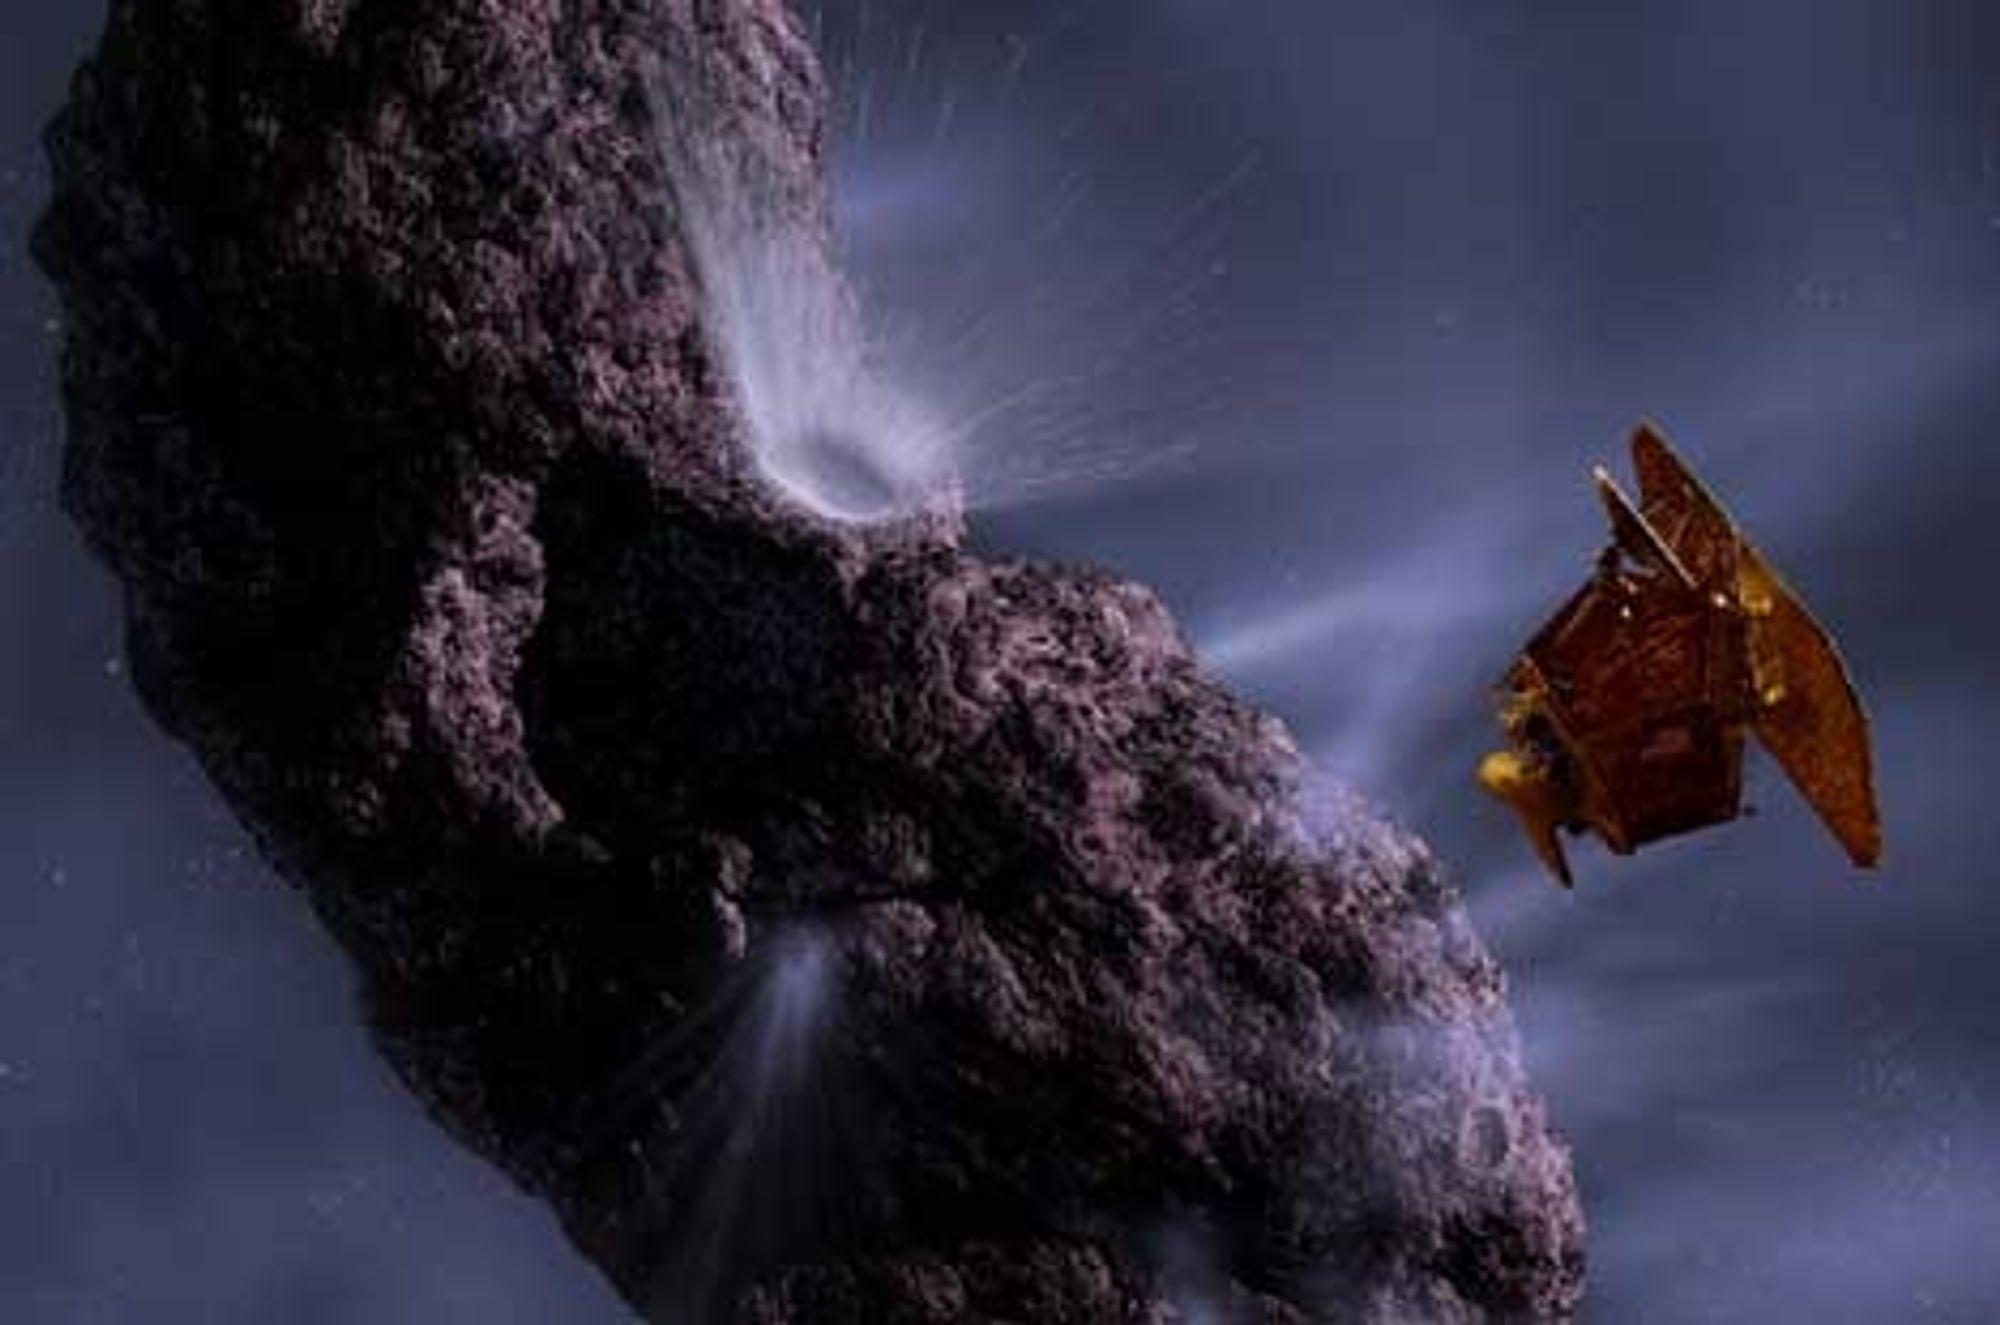 Kunstneren Pat Rawlings ser for seg Deep Impacts kollisjon med kometen Temple 1 på denne måten. Kollisjonen skjer 4. juli i år. Ill: Pat Rawlings/NASA